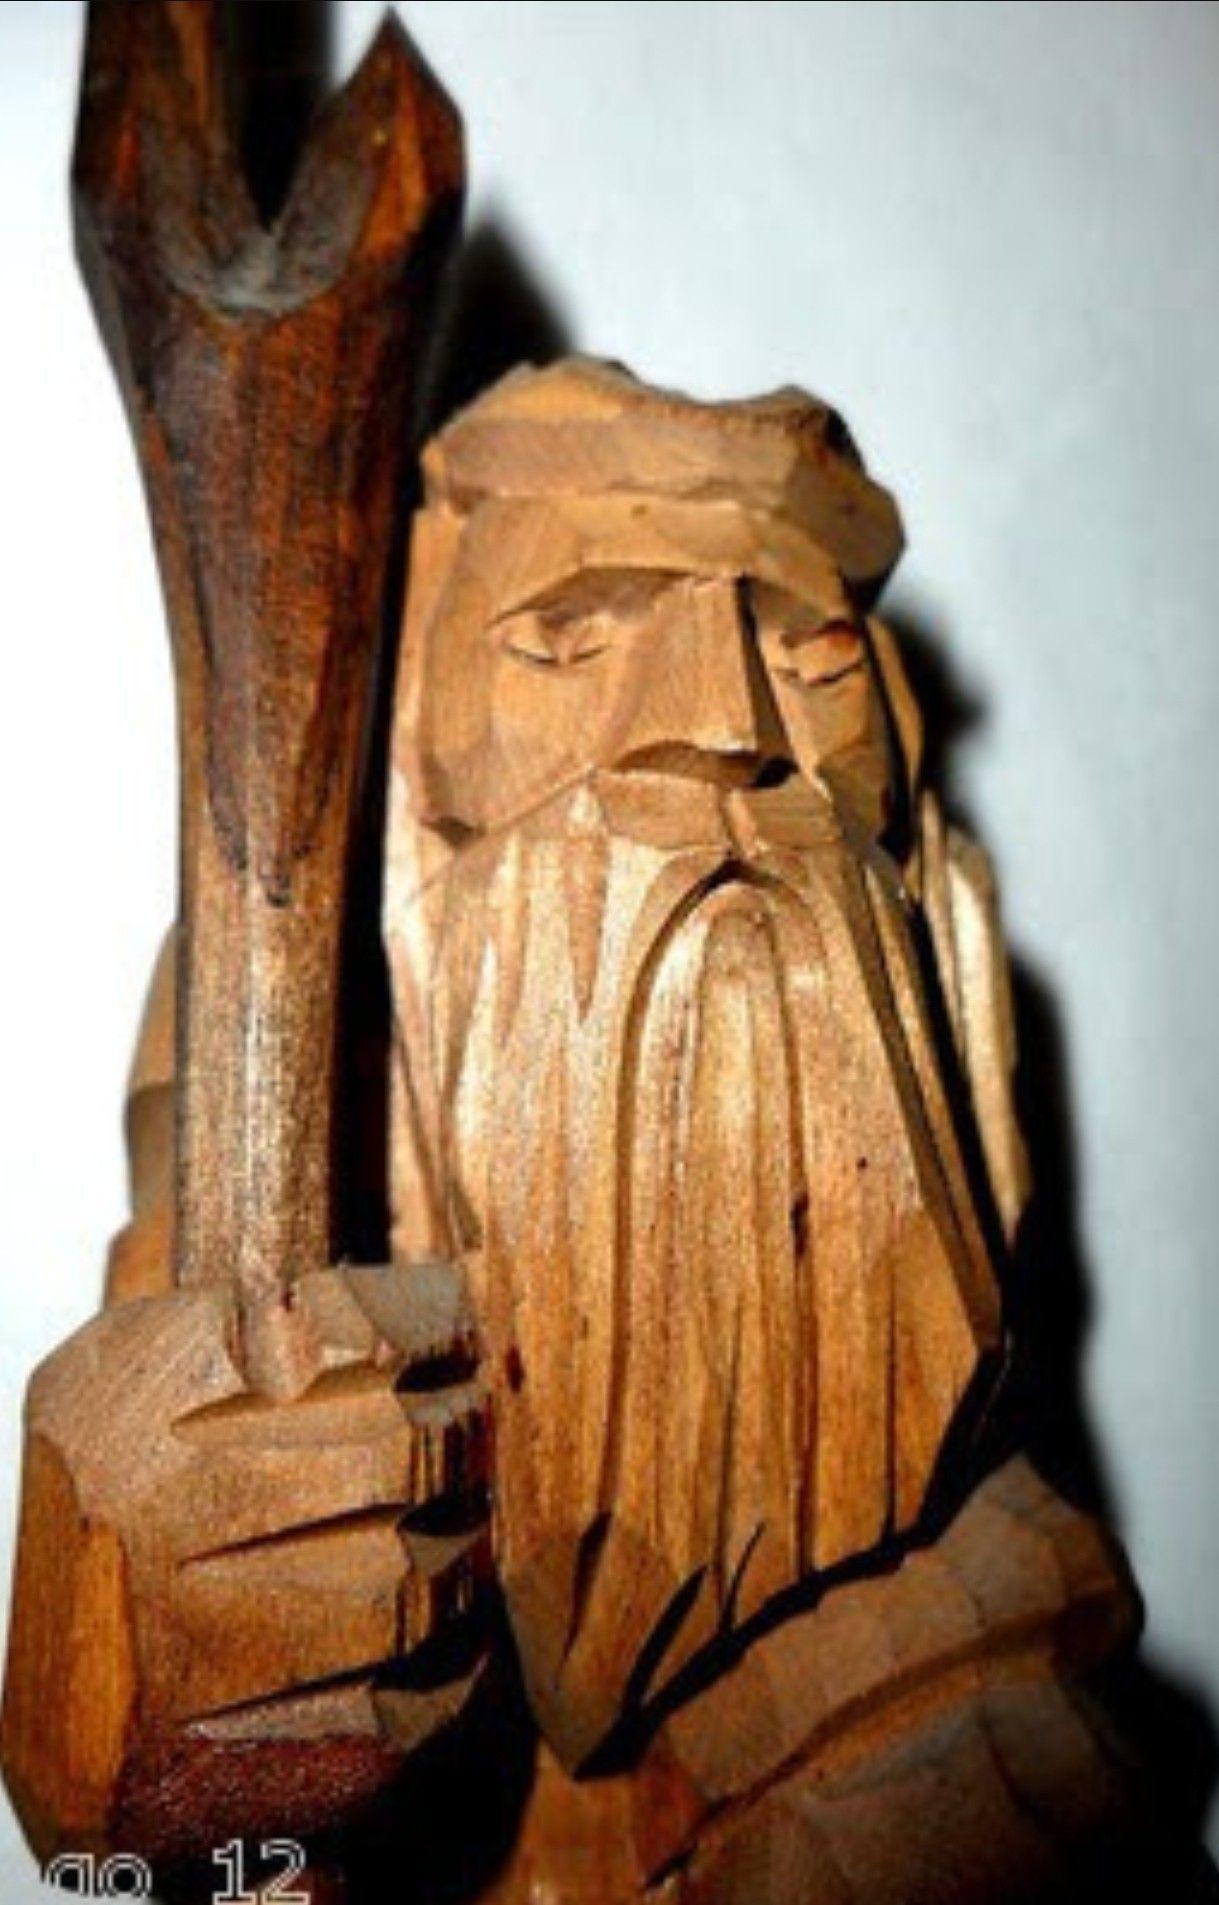 Pin by Daan Bakker on Houtsnee Werk Carving, Wood